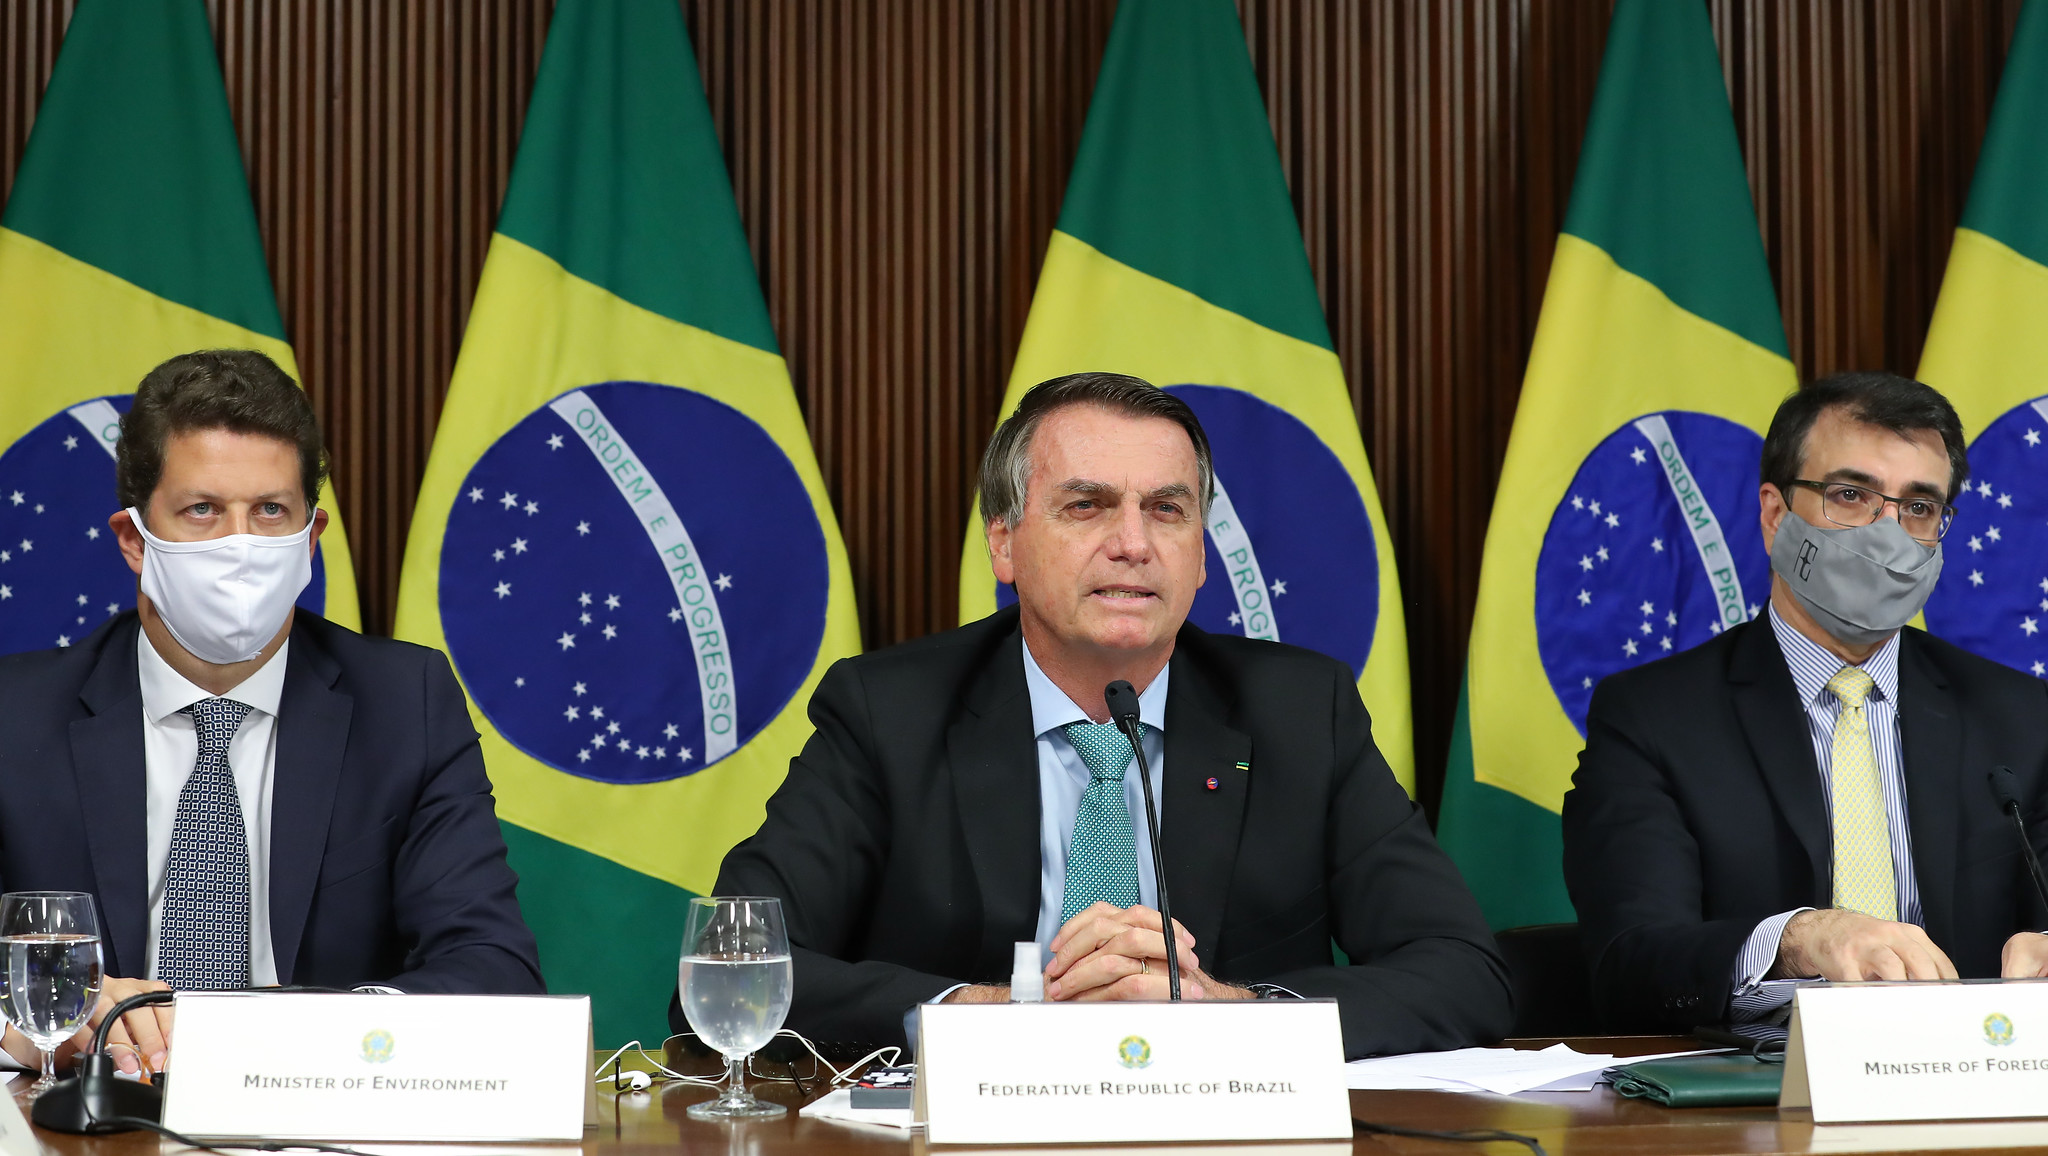 IMAGEM: Quem é Bolsonaro na fila do clima?